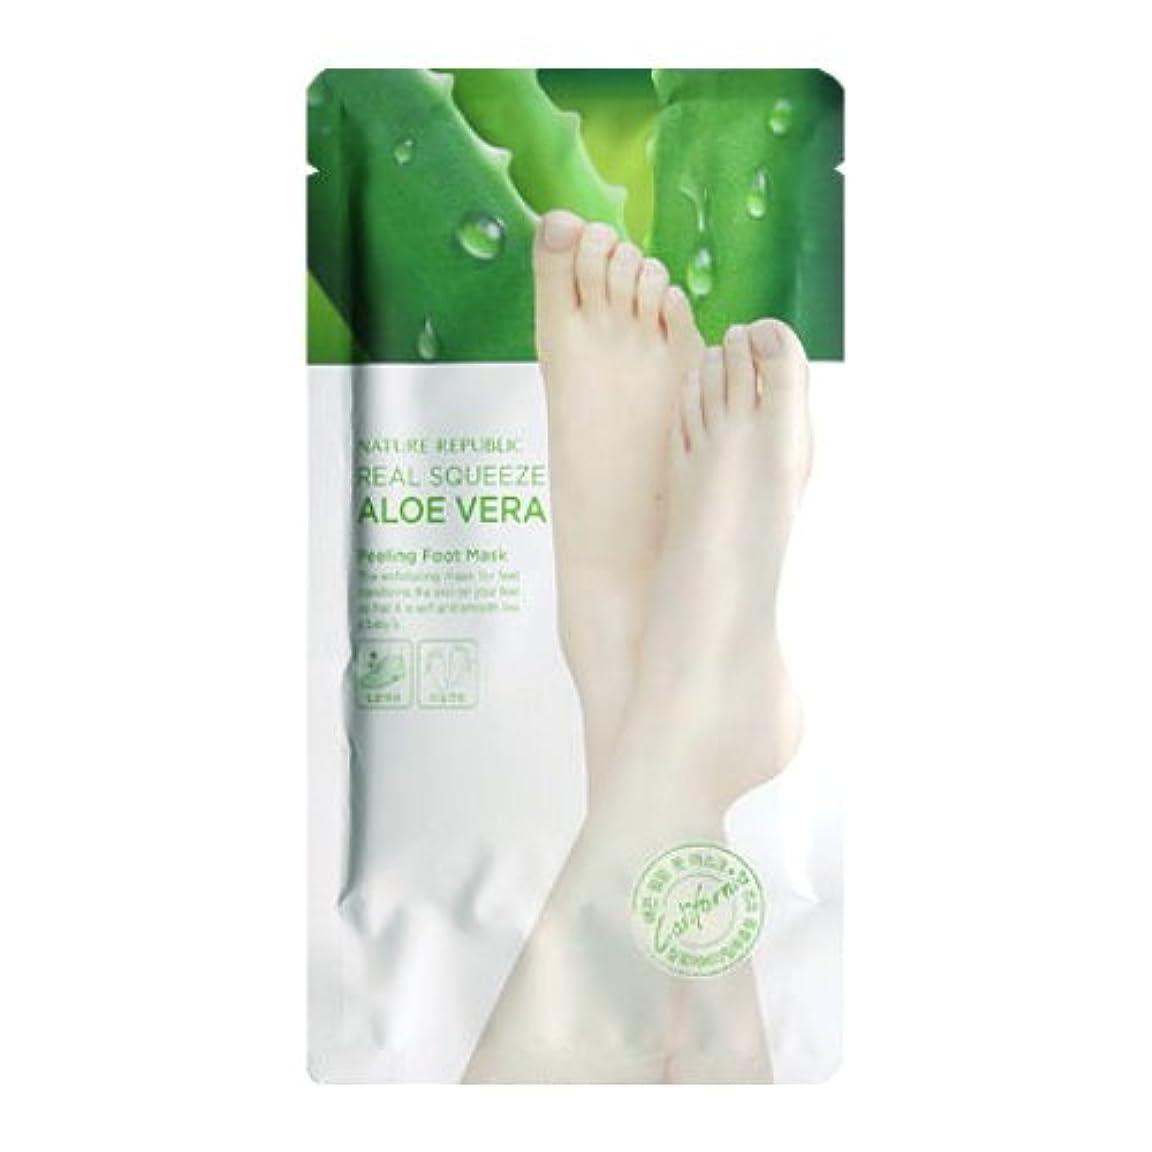 ペルメル靴下ぴかぴかNATURE REPUBLIC Real Squeeze Aloe Vera Peeling Foot Mask (並行輸入品)